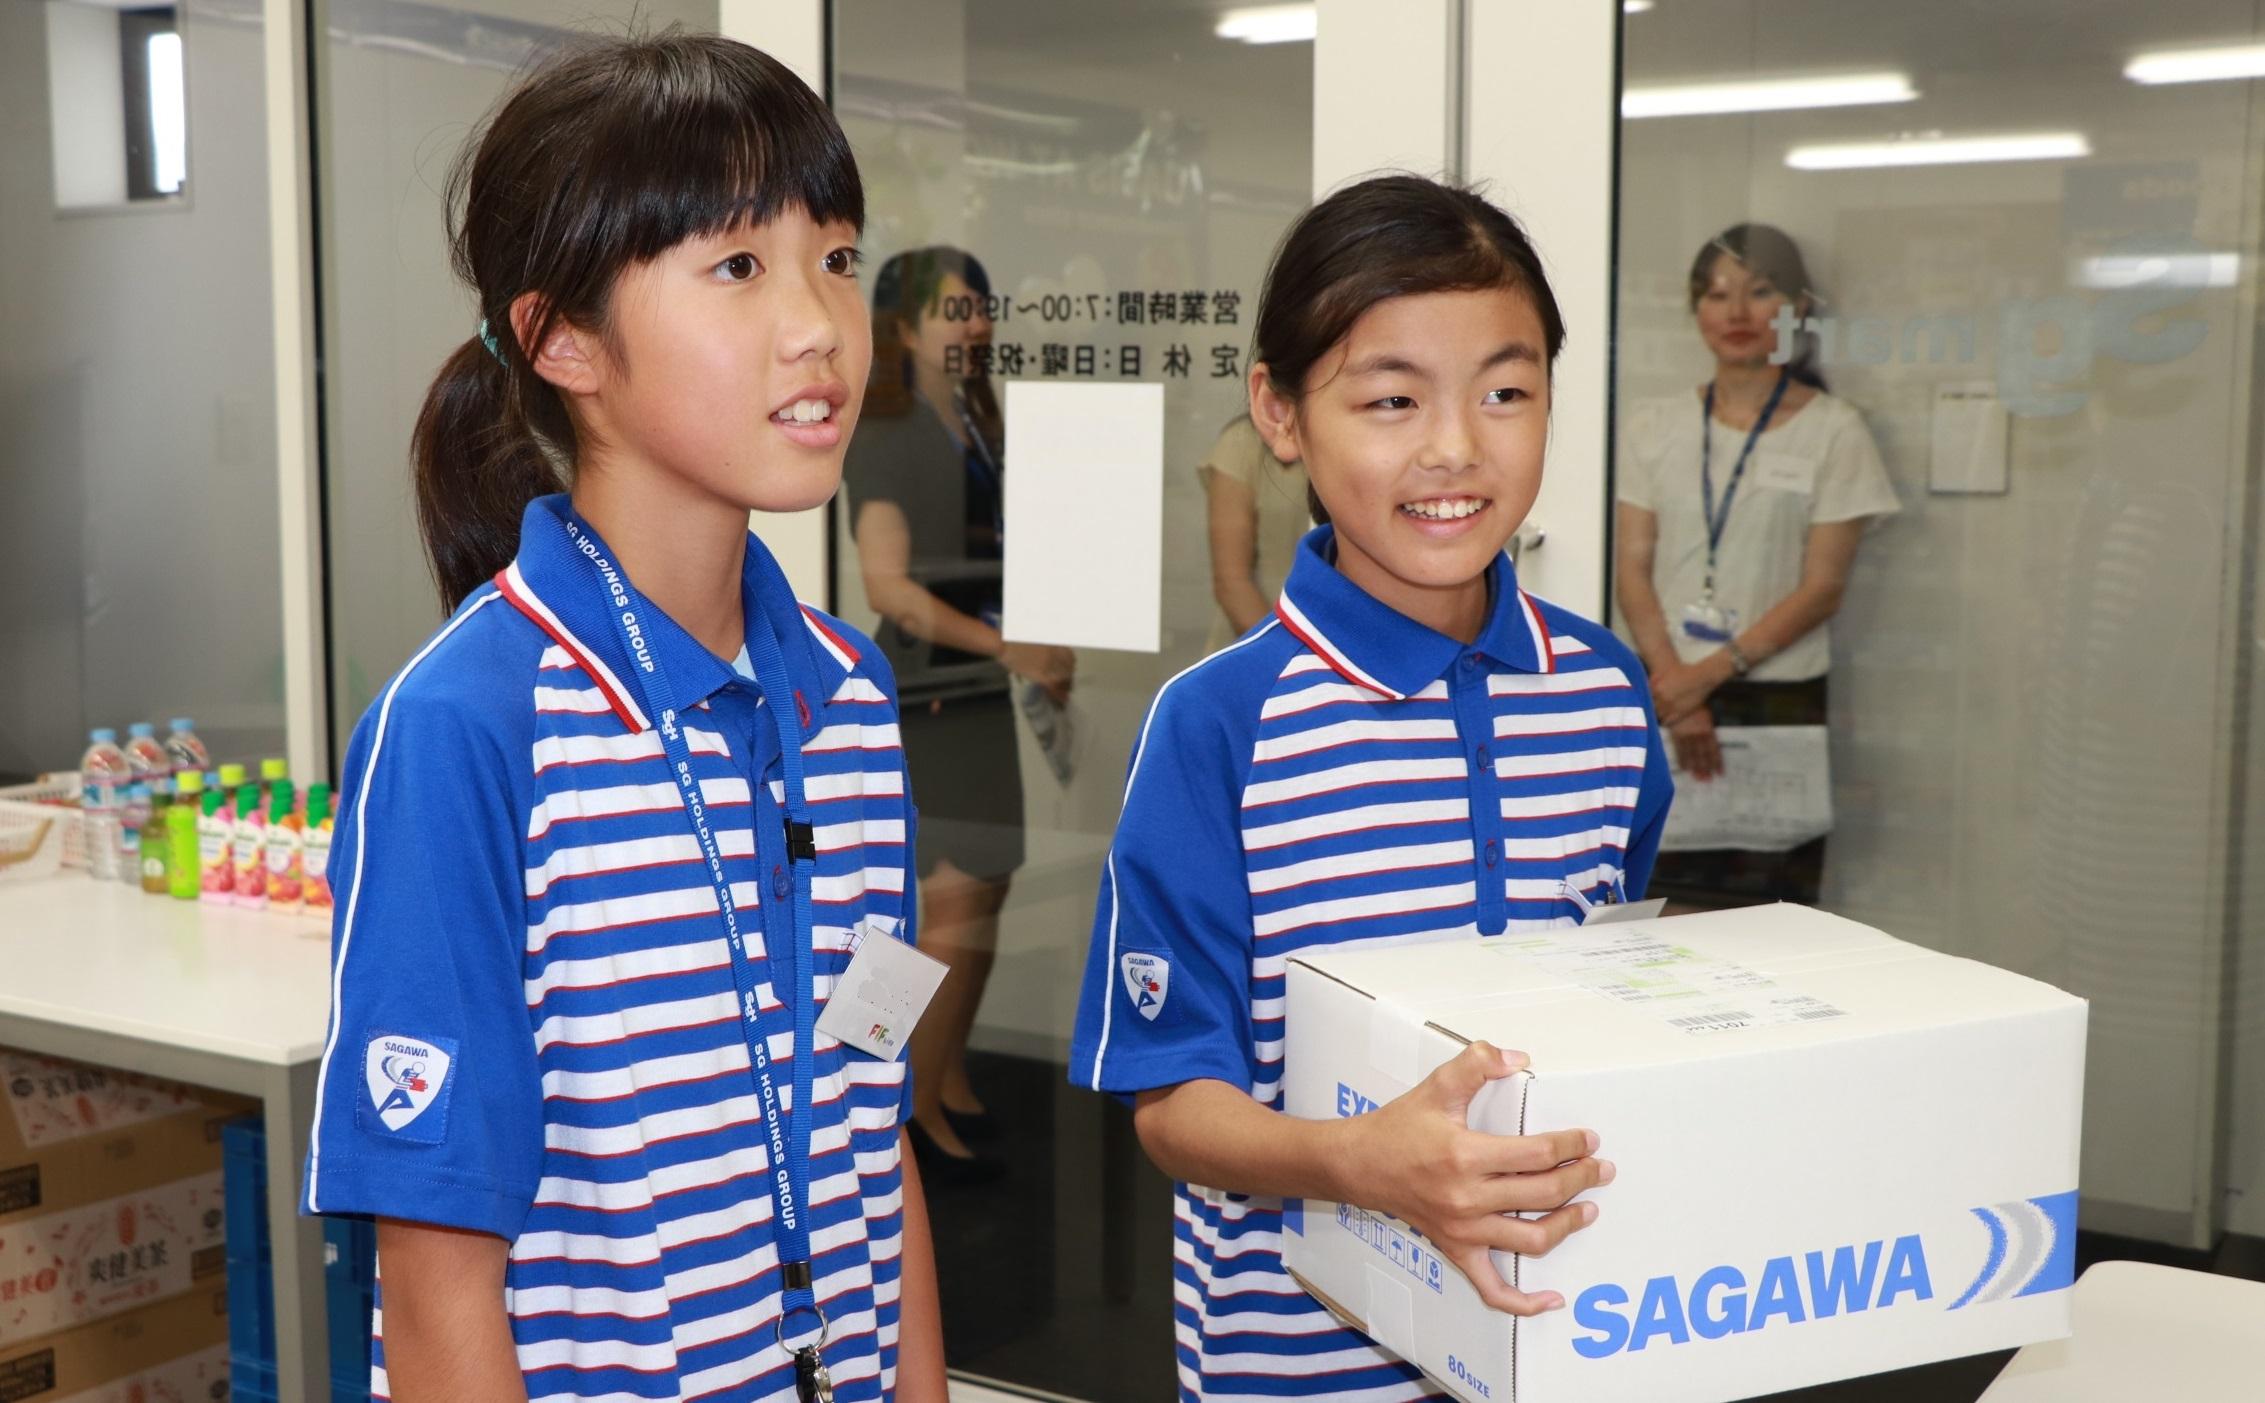 小学5、6年生20名募集! 佐川急便でグローバル化とIT化が進む『物流の最前線』を体験しよう! 8月2日(木)開催